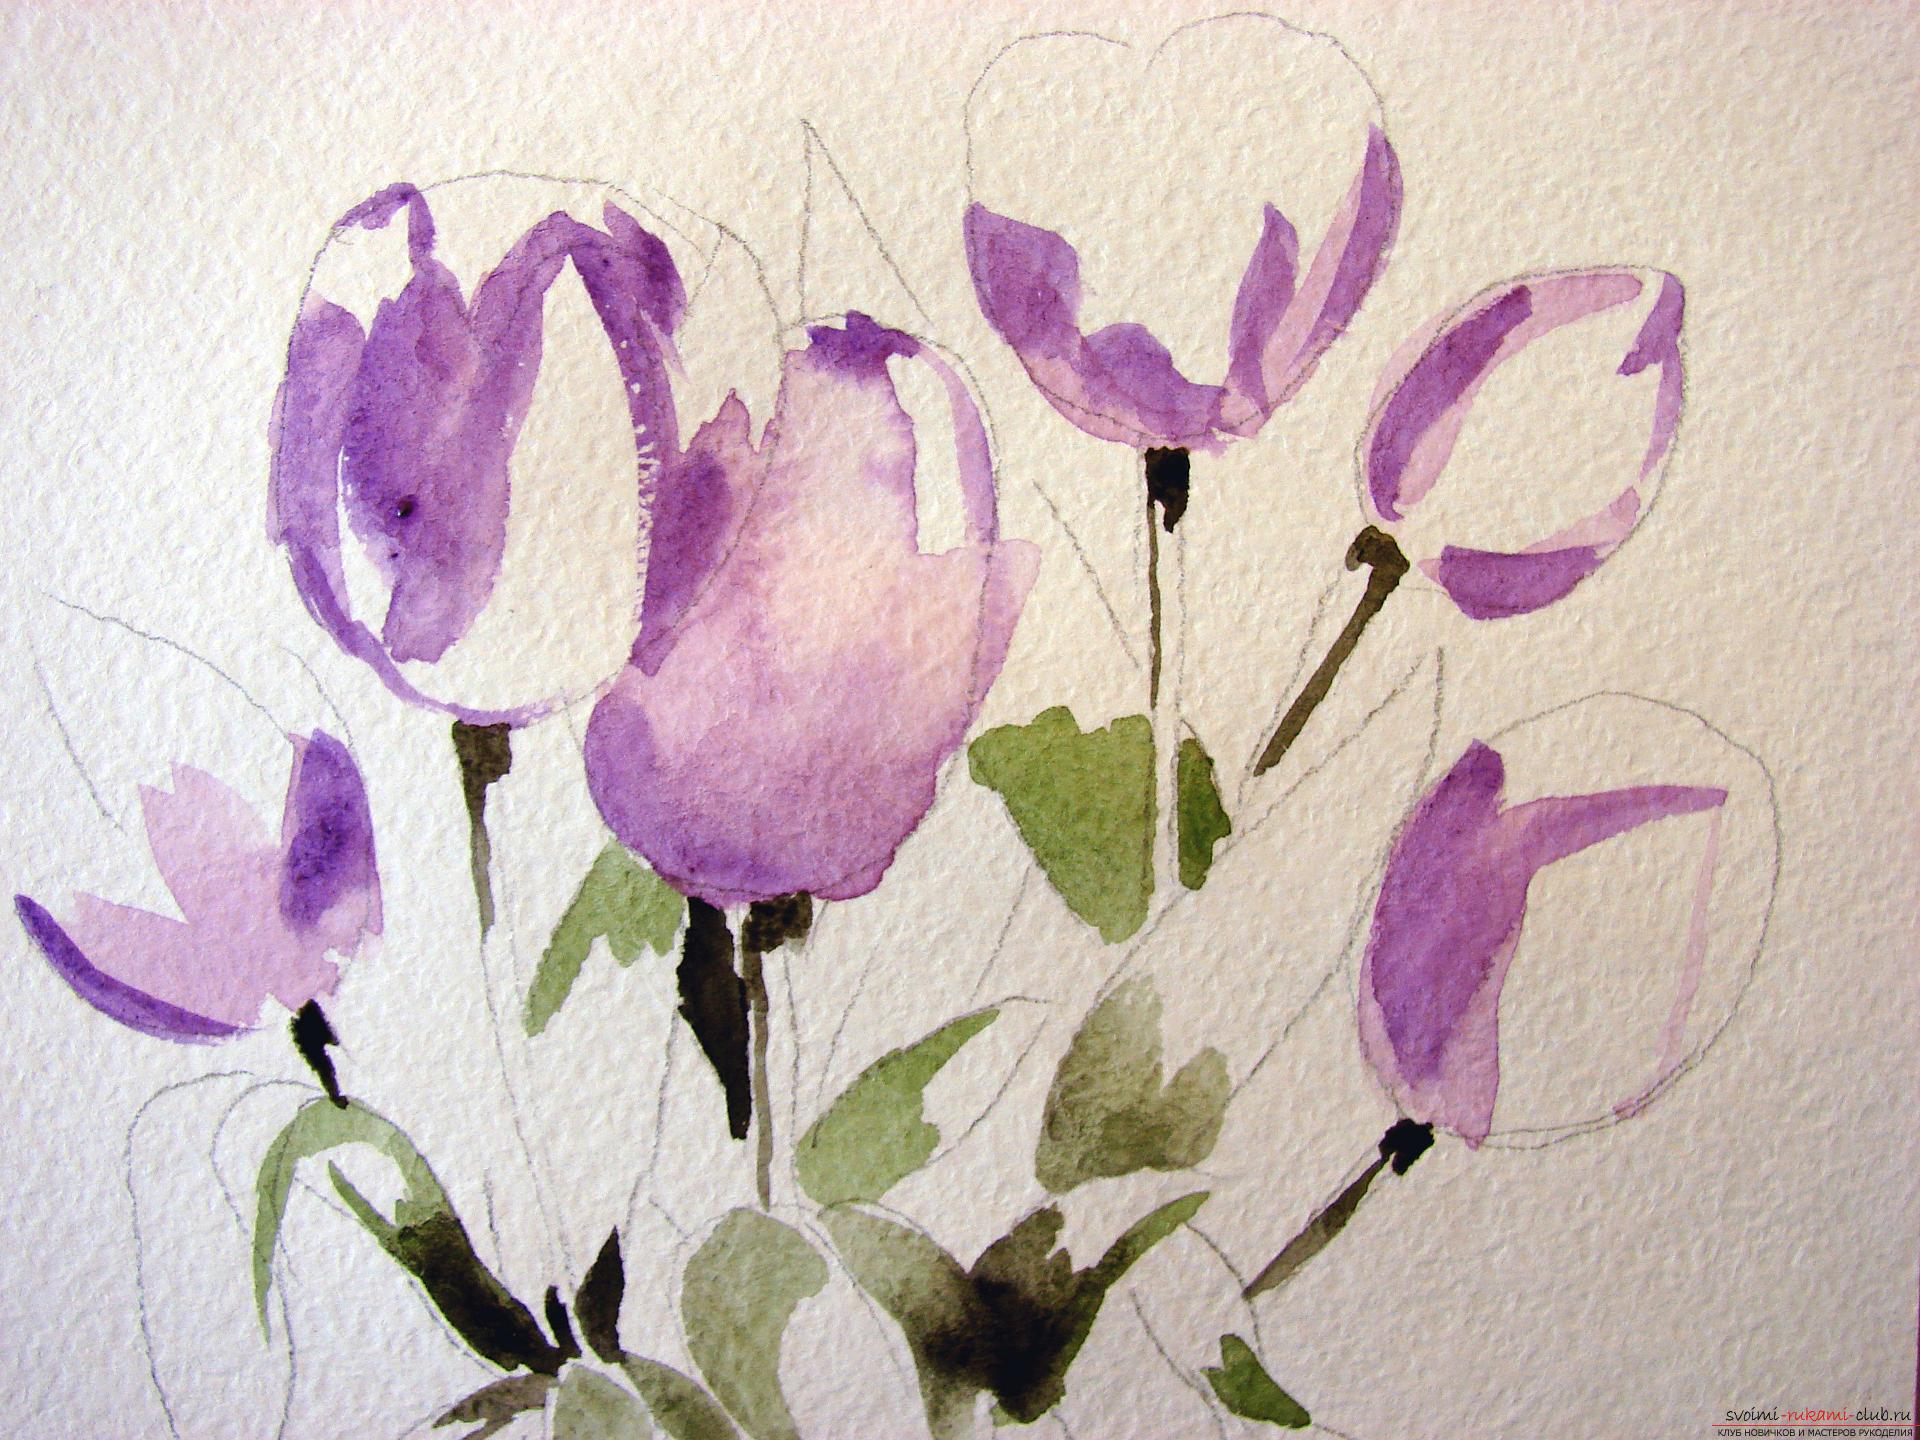 Мастер-класс по рисованию с фото научит как нарисовать цветы, подробно описав как рисуются тюльпаны поэтапно.. Фото №5